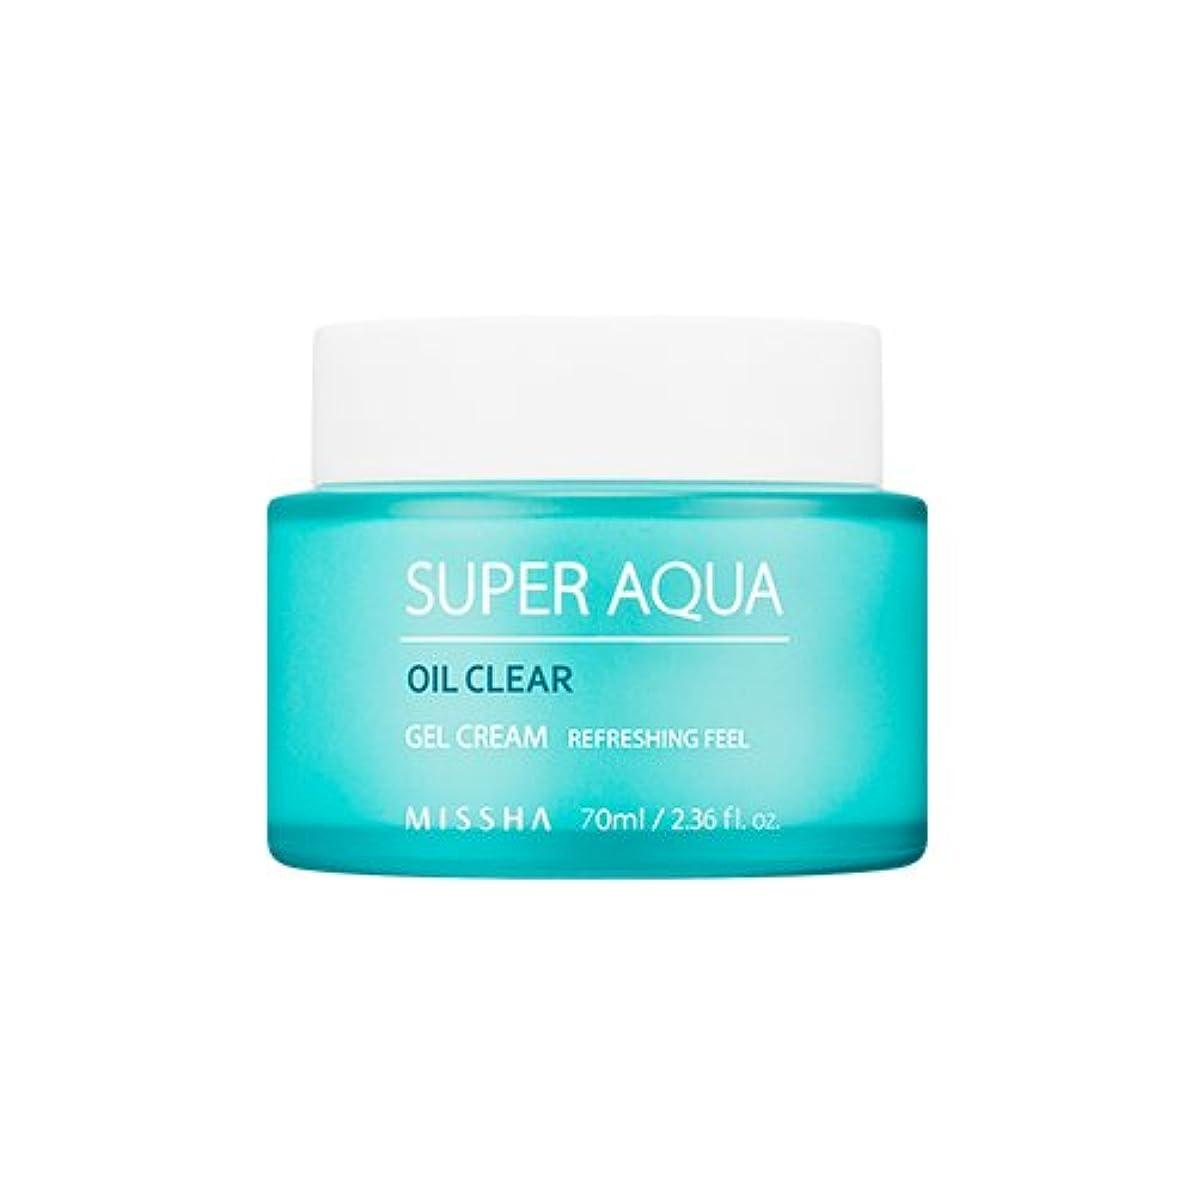 虹適度な要求するMISSHA Super Aqua Oil Clear Gel Cream 70ml/ミシャ スーパー アクア オイル クリア ジェル クリーム 70ml [並行輸入品]